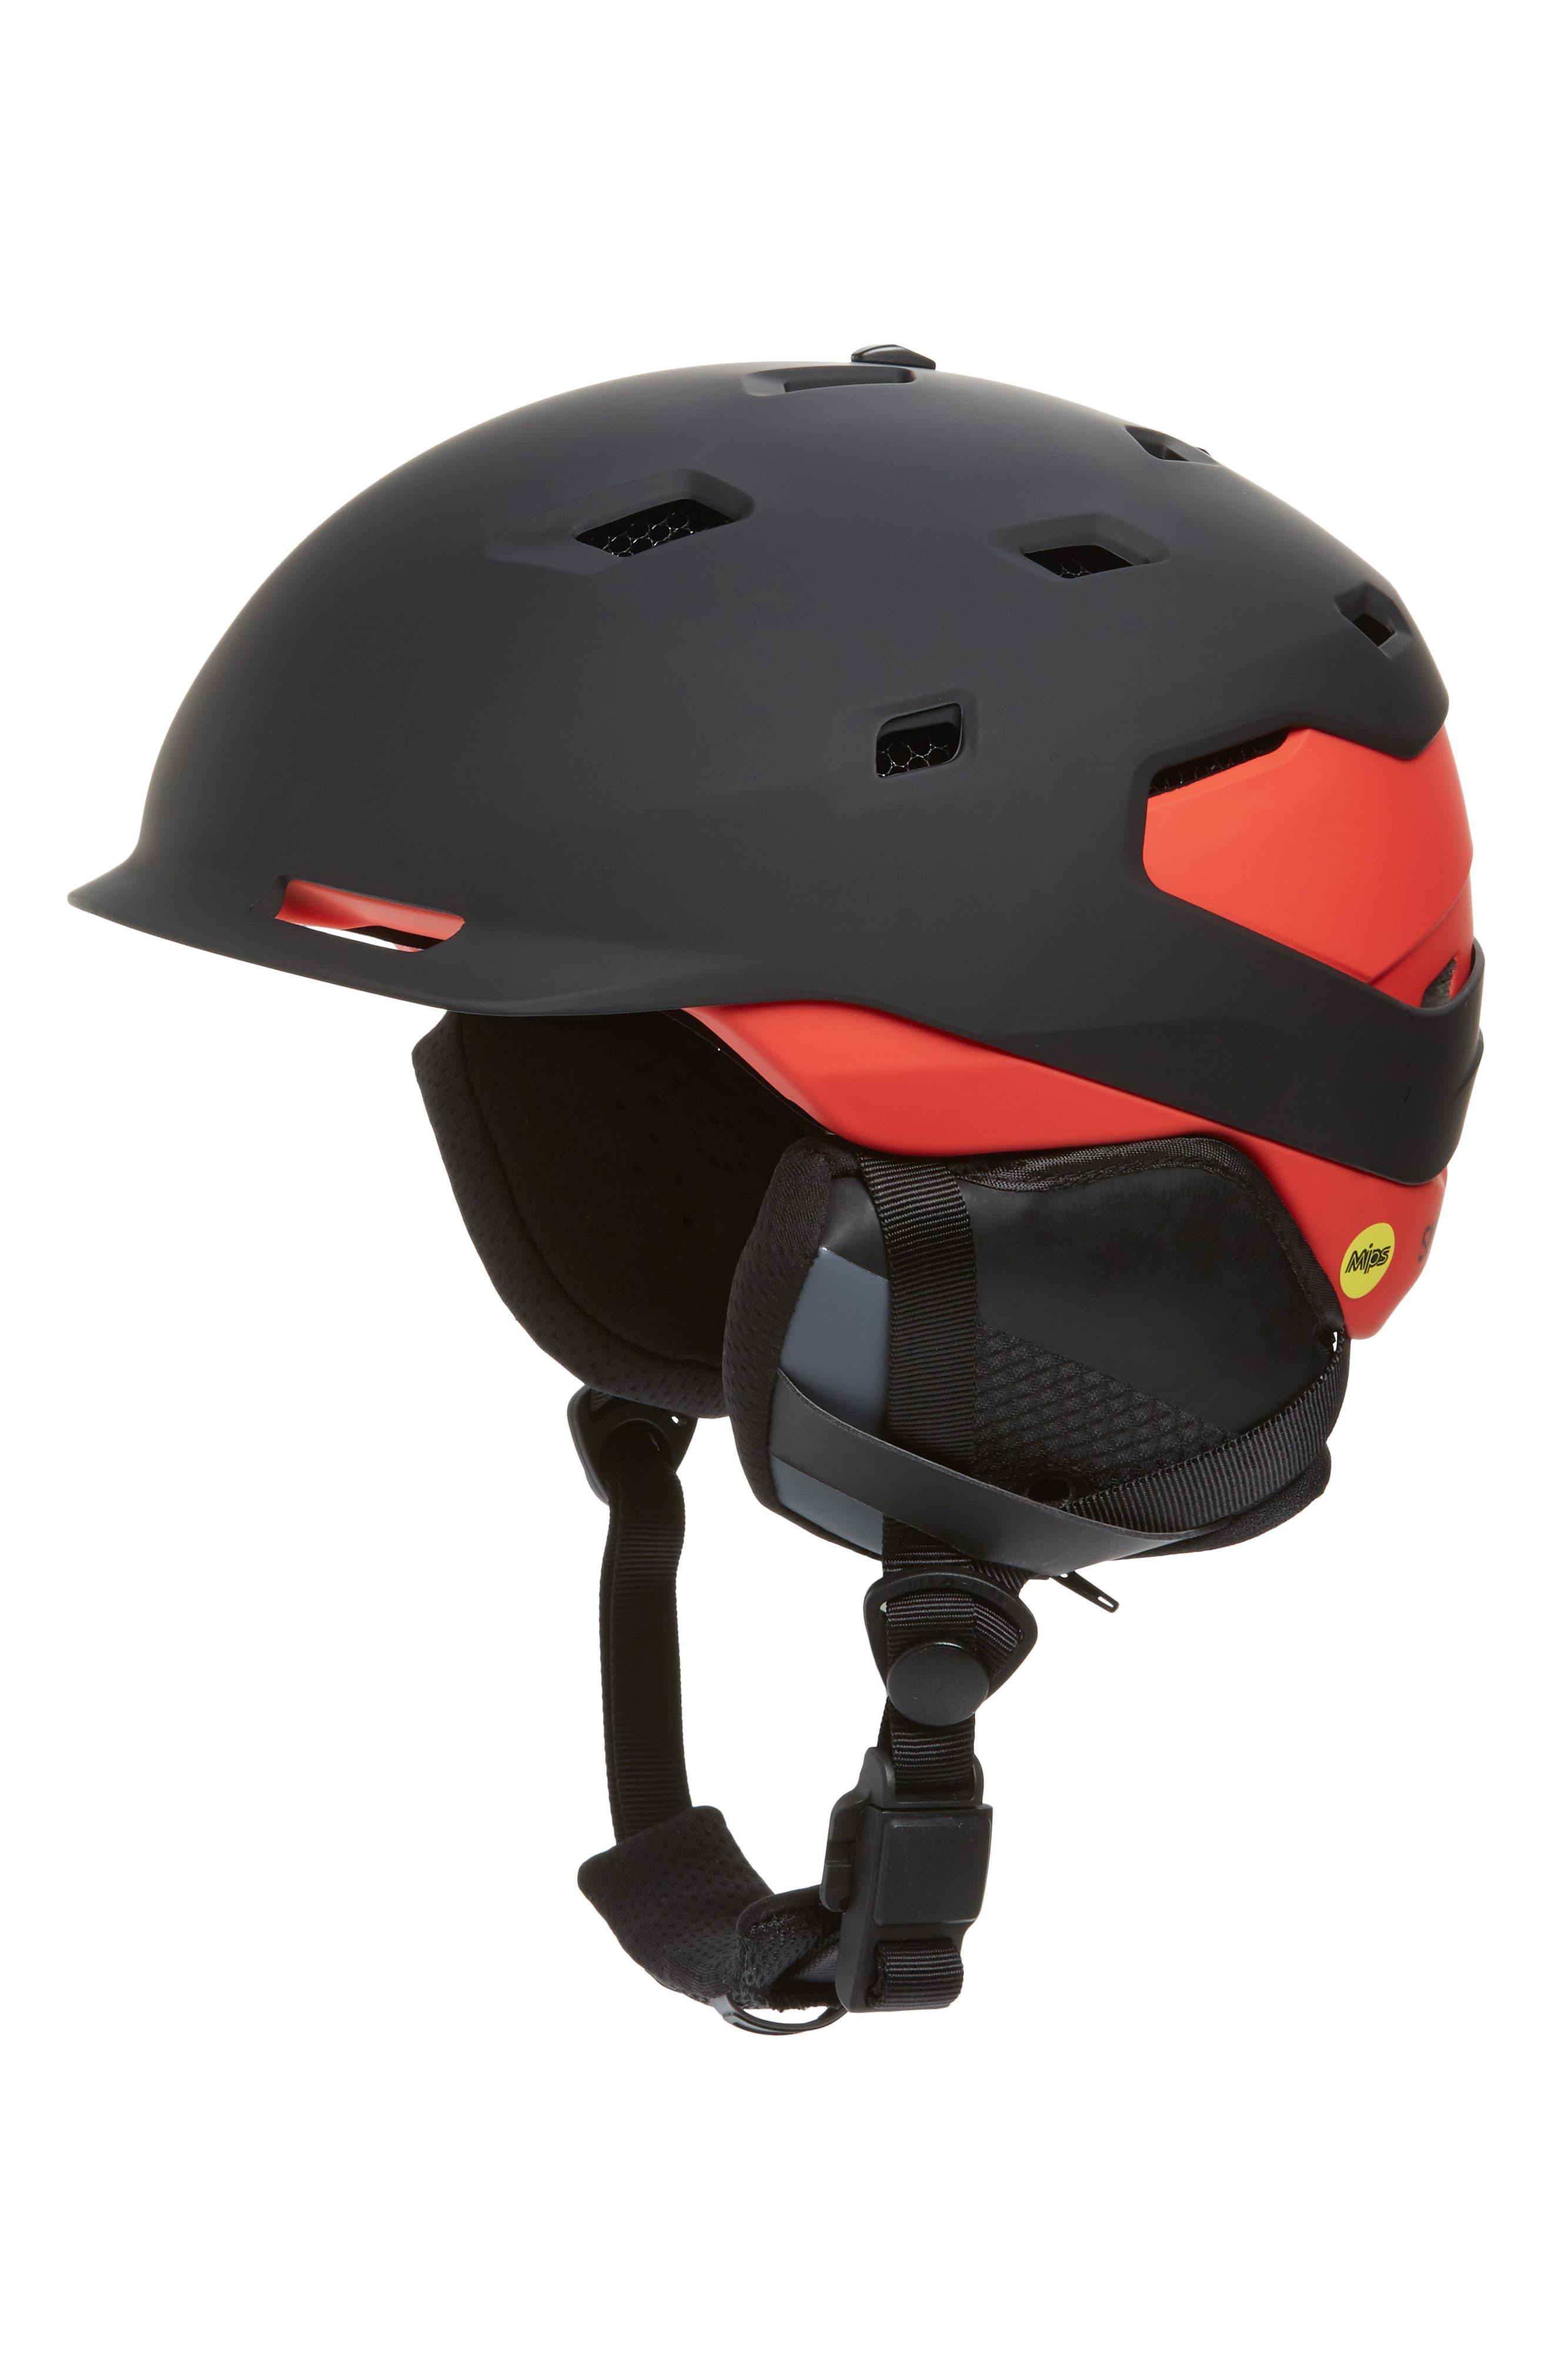 Quantum MIPS Snow Helmet,                             Main thumbnail 1, color,                             MATTE BLACK / RISE